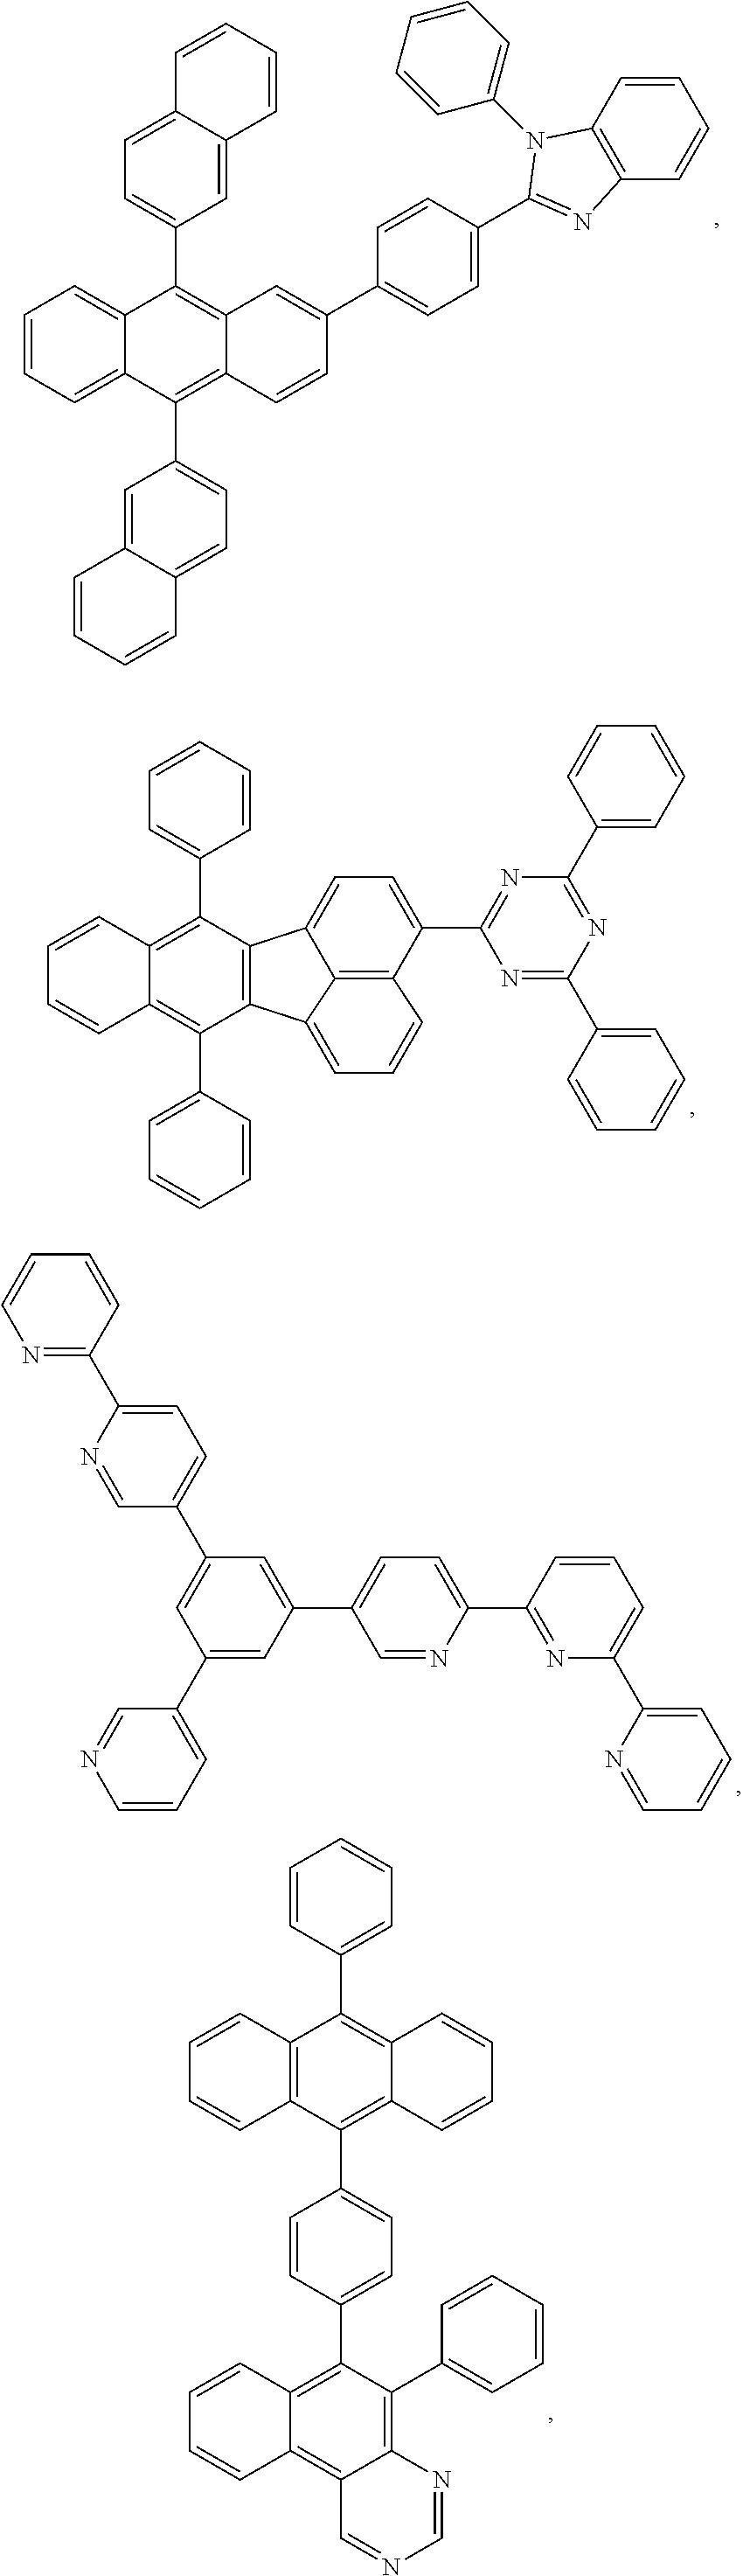 Figure US20180130962A1-20180510-C00202